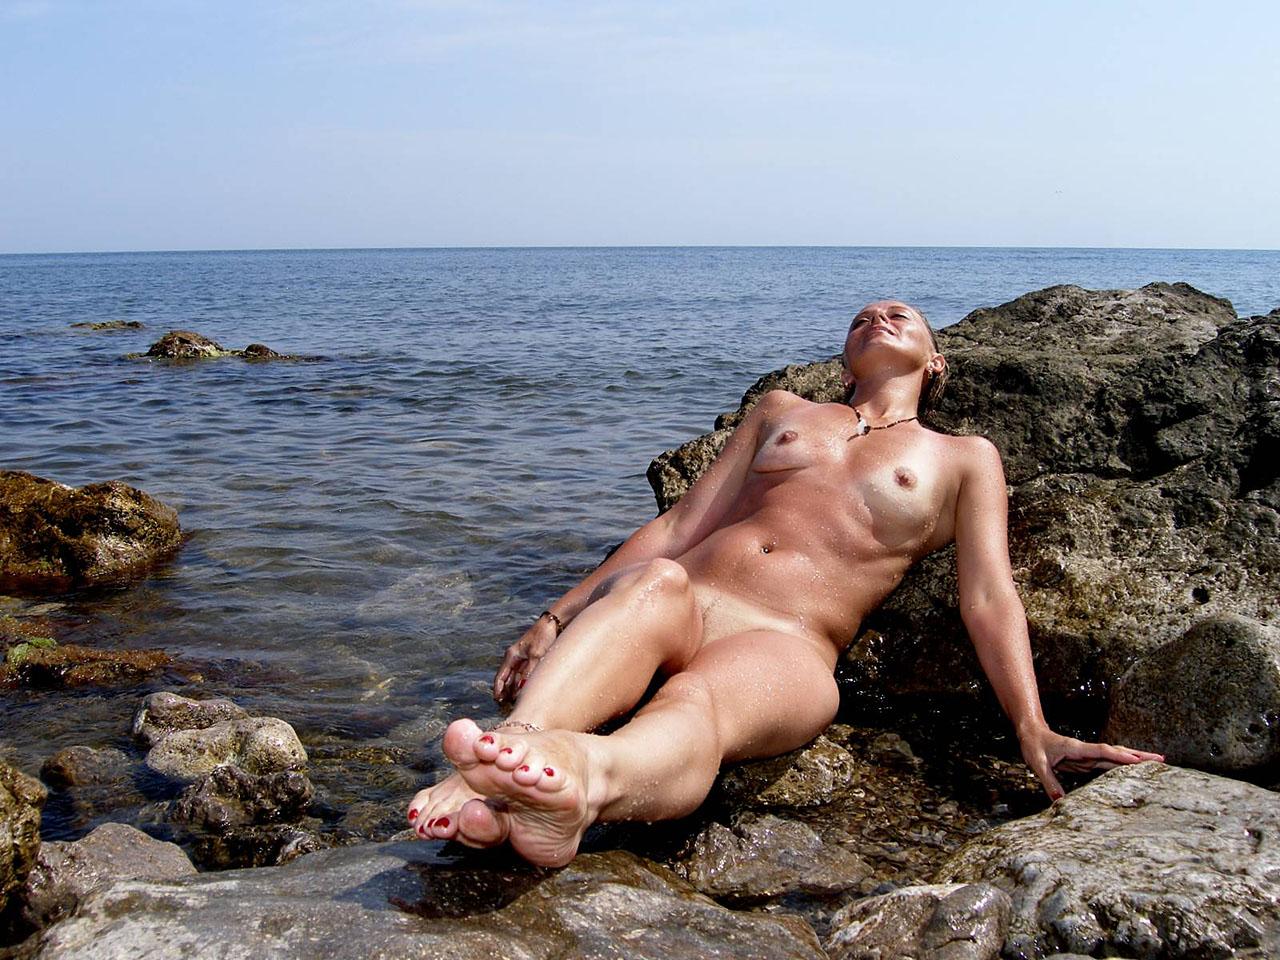 Частное фото голых жен на отдыхе 16 фотография